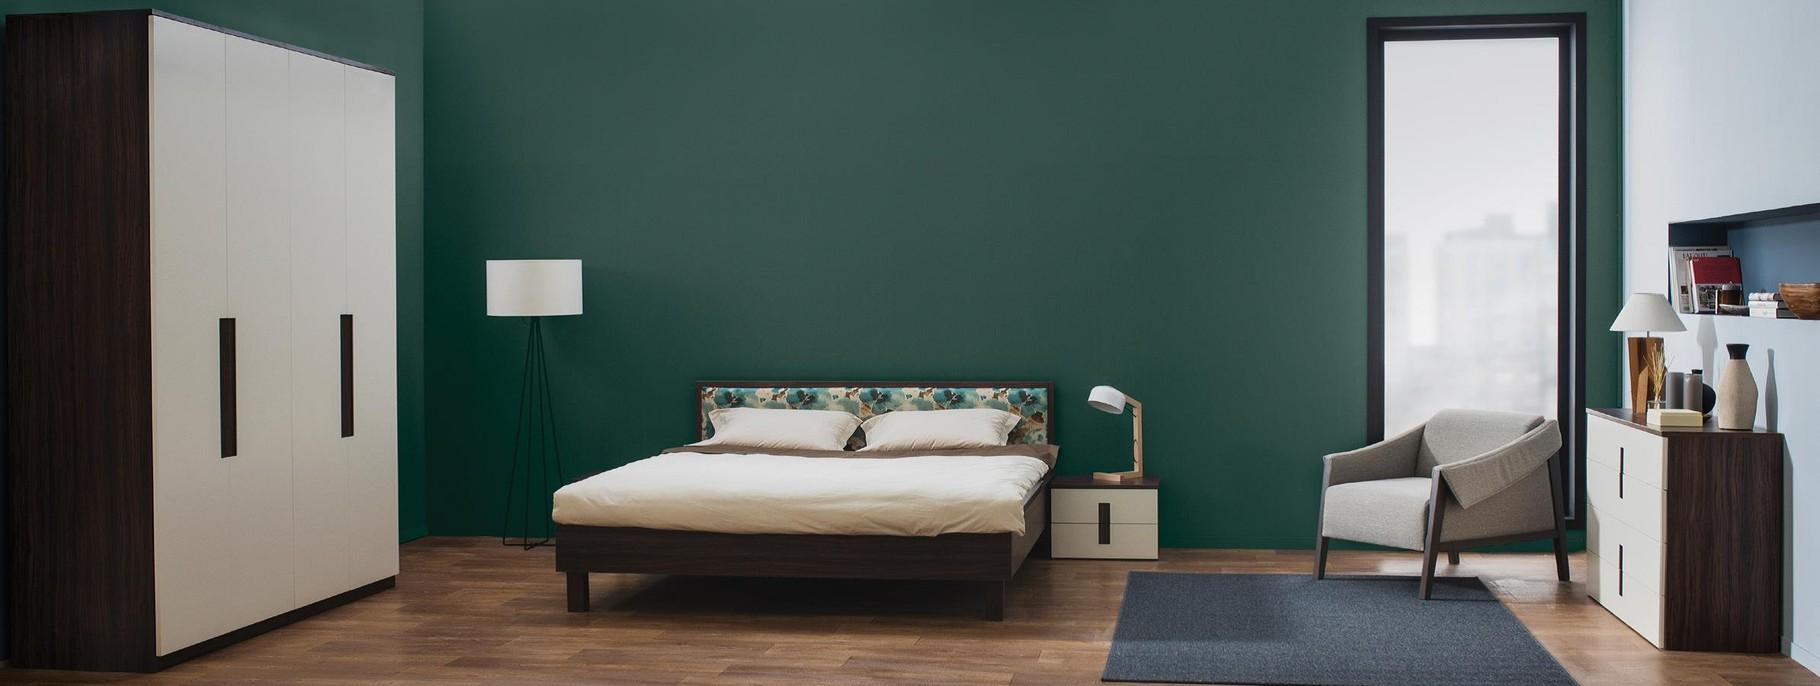 wohnzimmer systemm bel. Black Bedroom Furniture Sets. Home Design Ideas